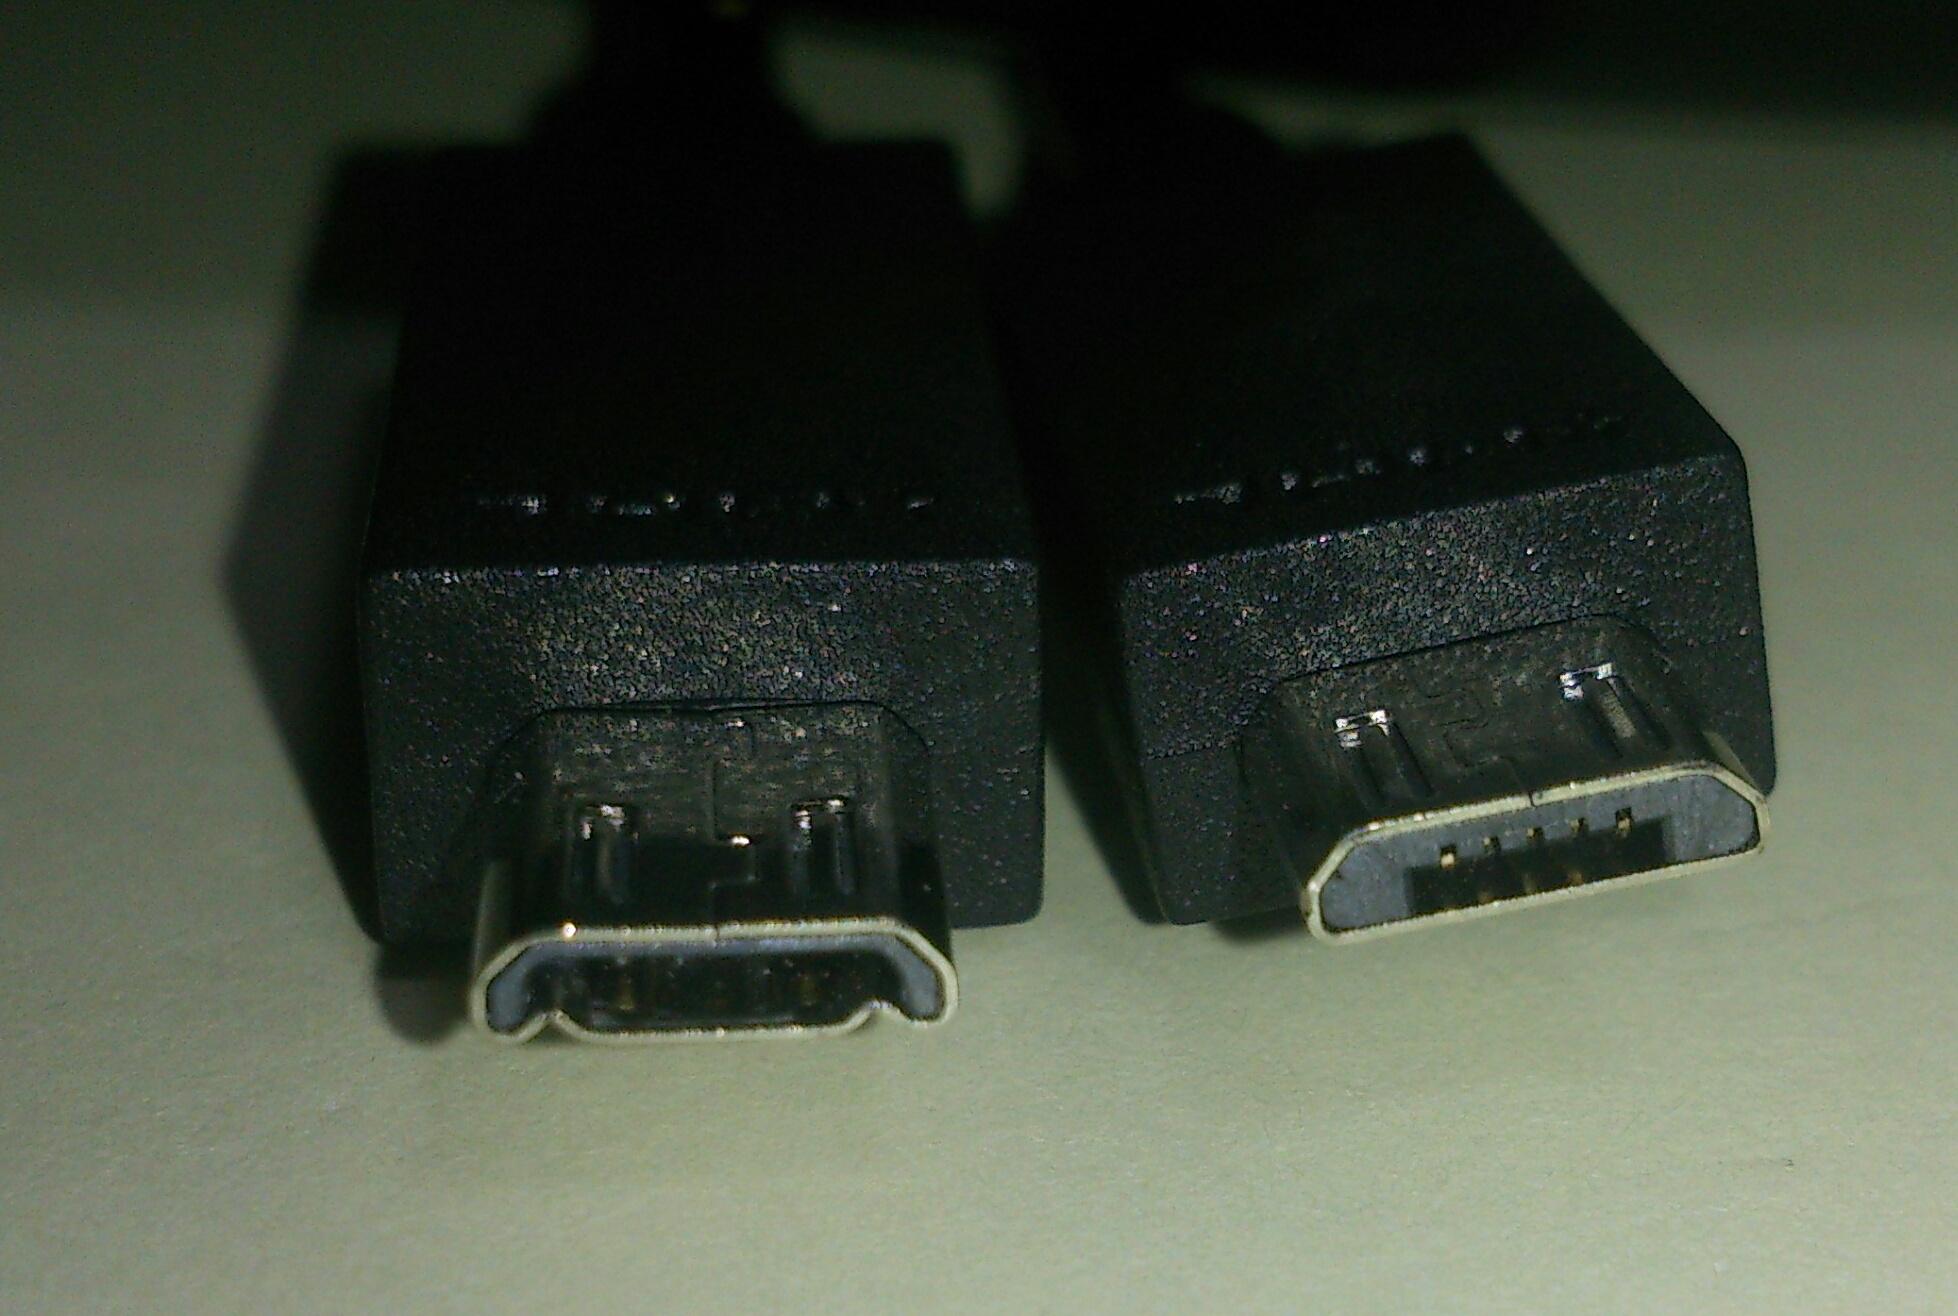 11-pin MicroUSB (left) vs 5-pin (right)